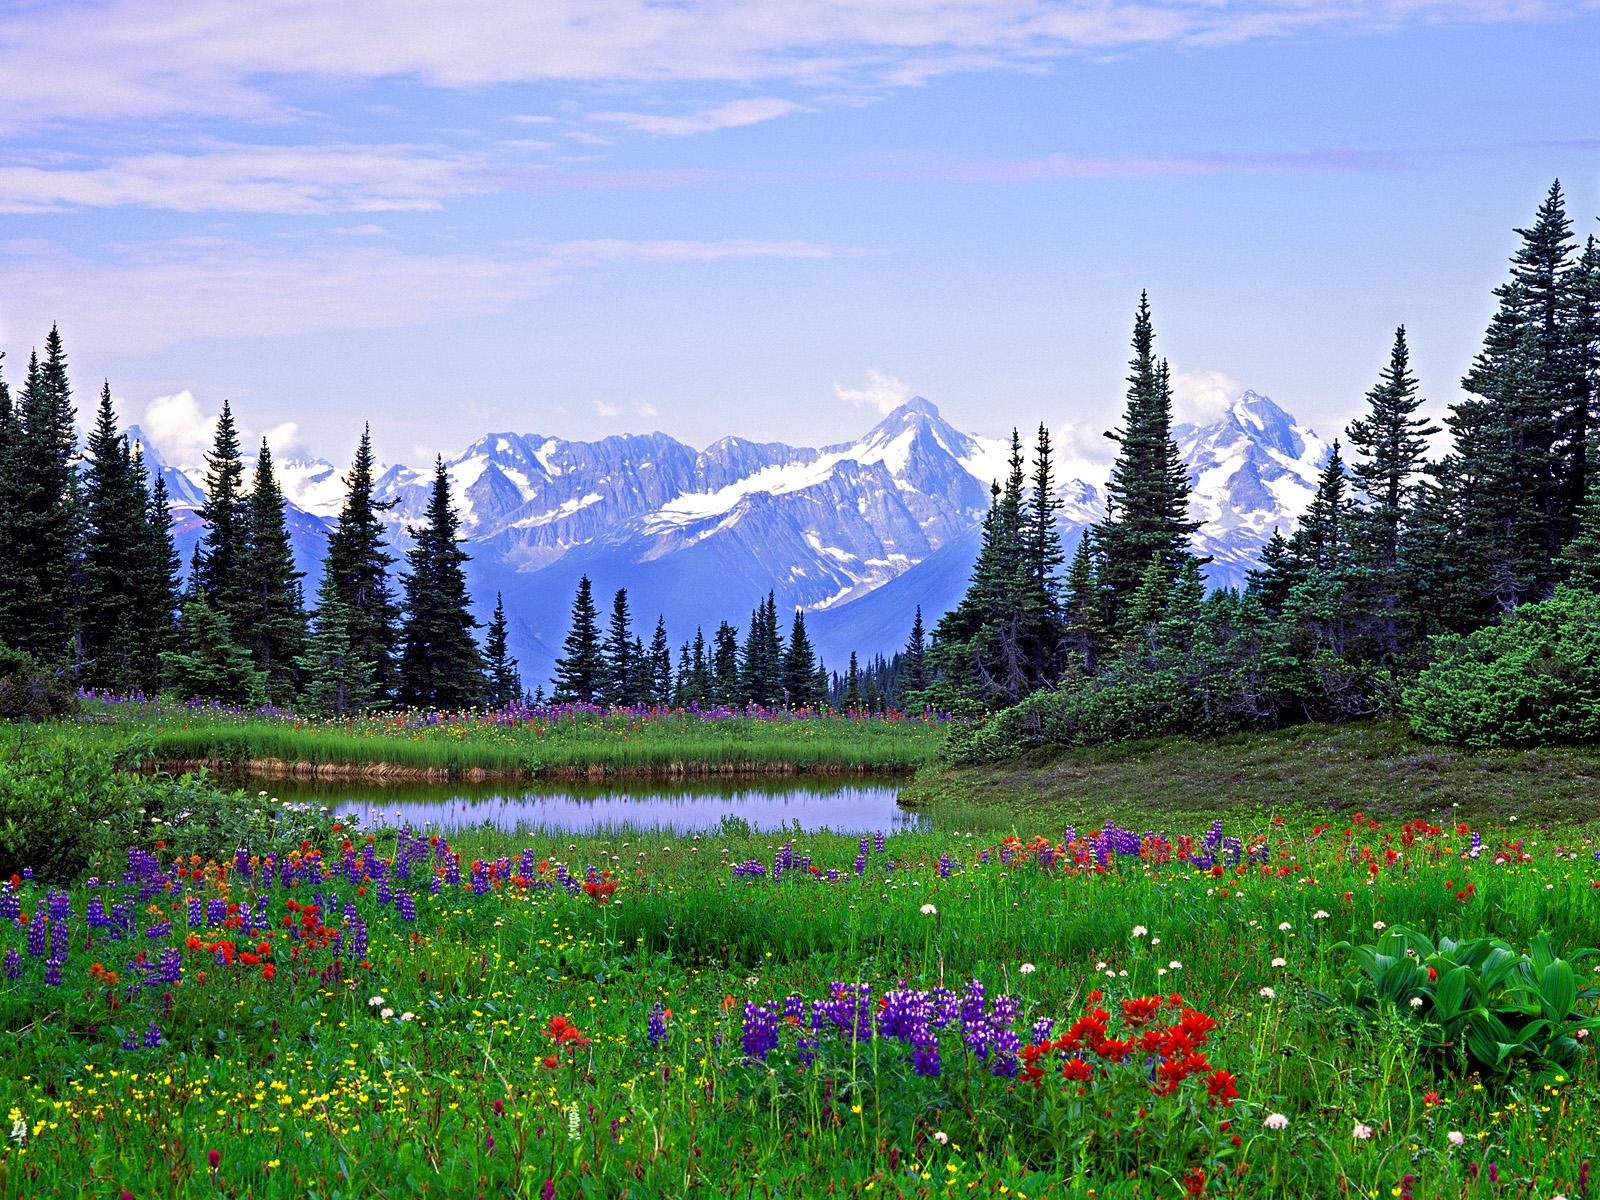 BANCO DE IMGENES Nuevos paisajes con flores para decorar y